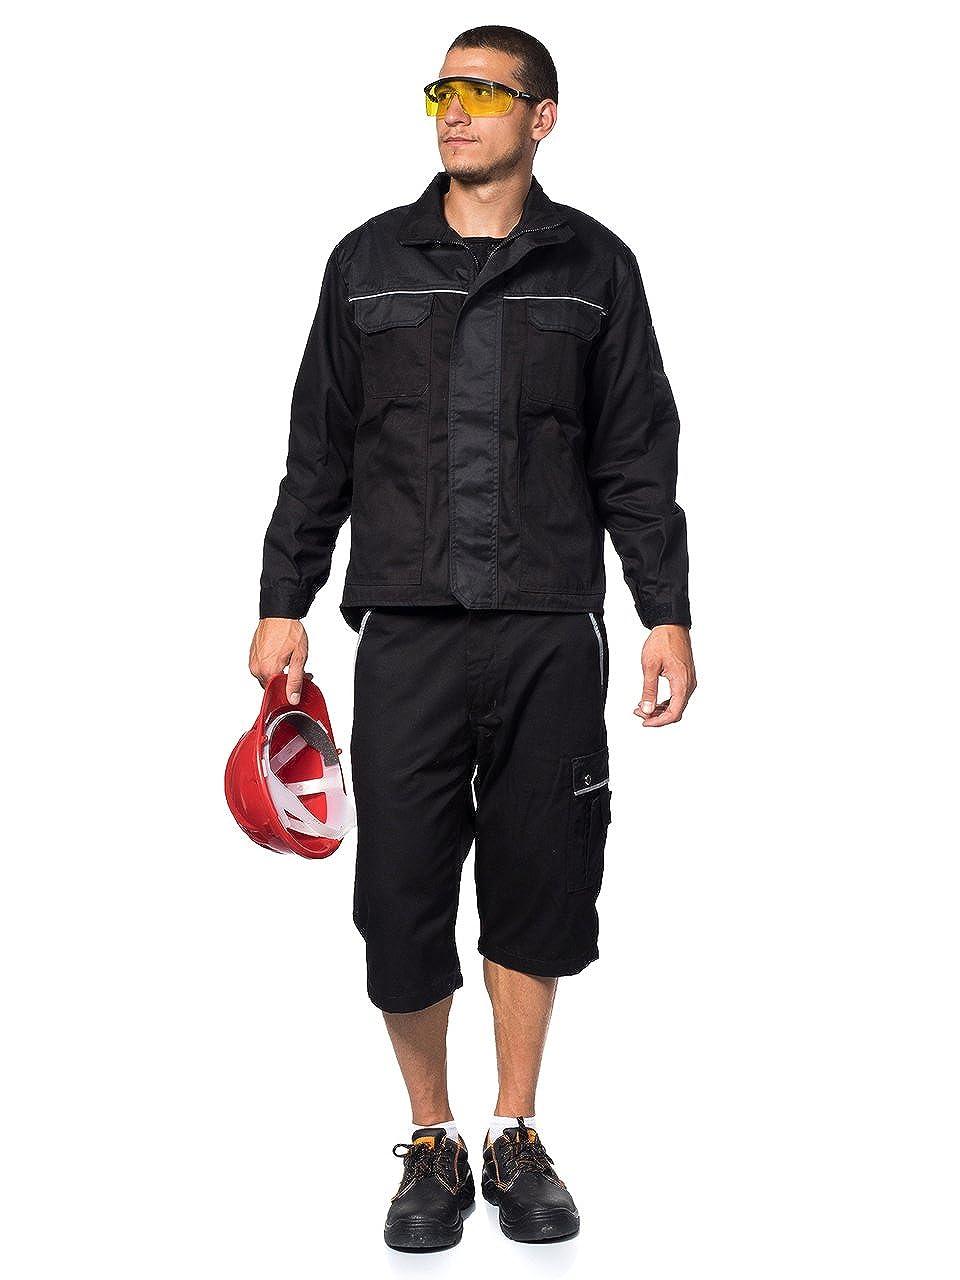 Amazon.com: TMG Heavy Duty Lightweight Work Jackets Coats Black S: Clothing